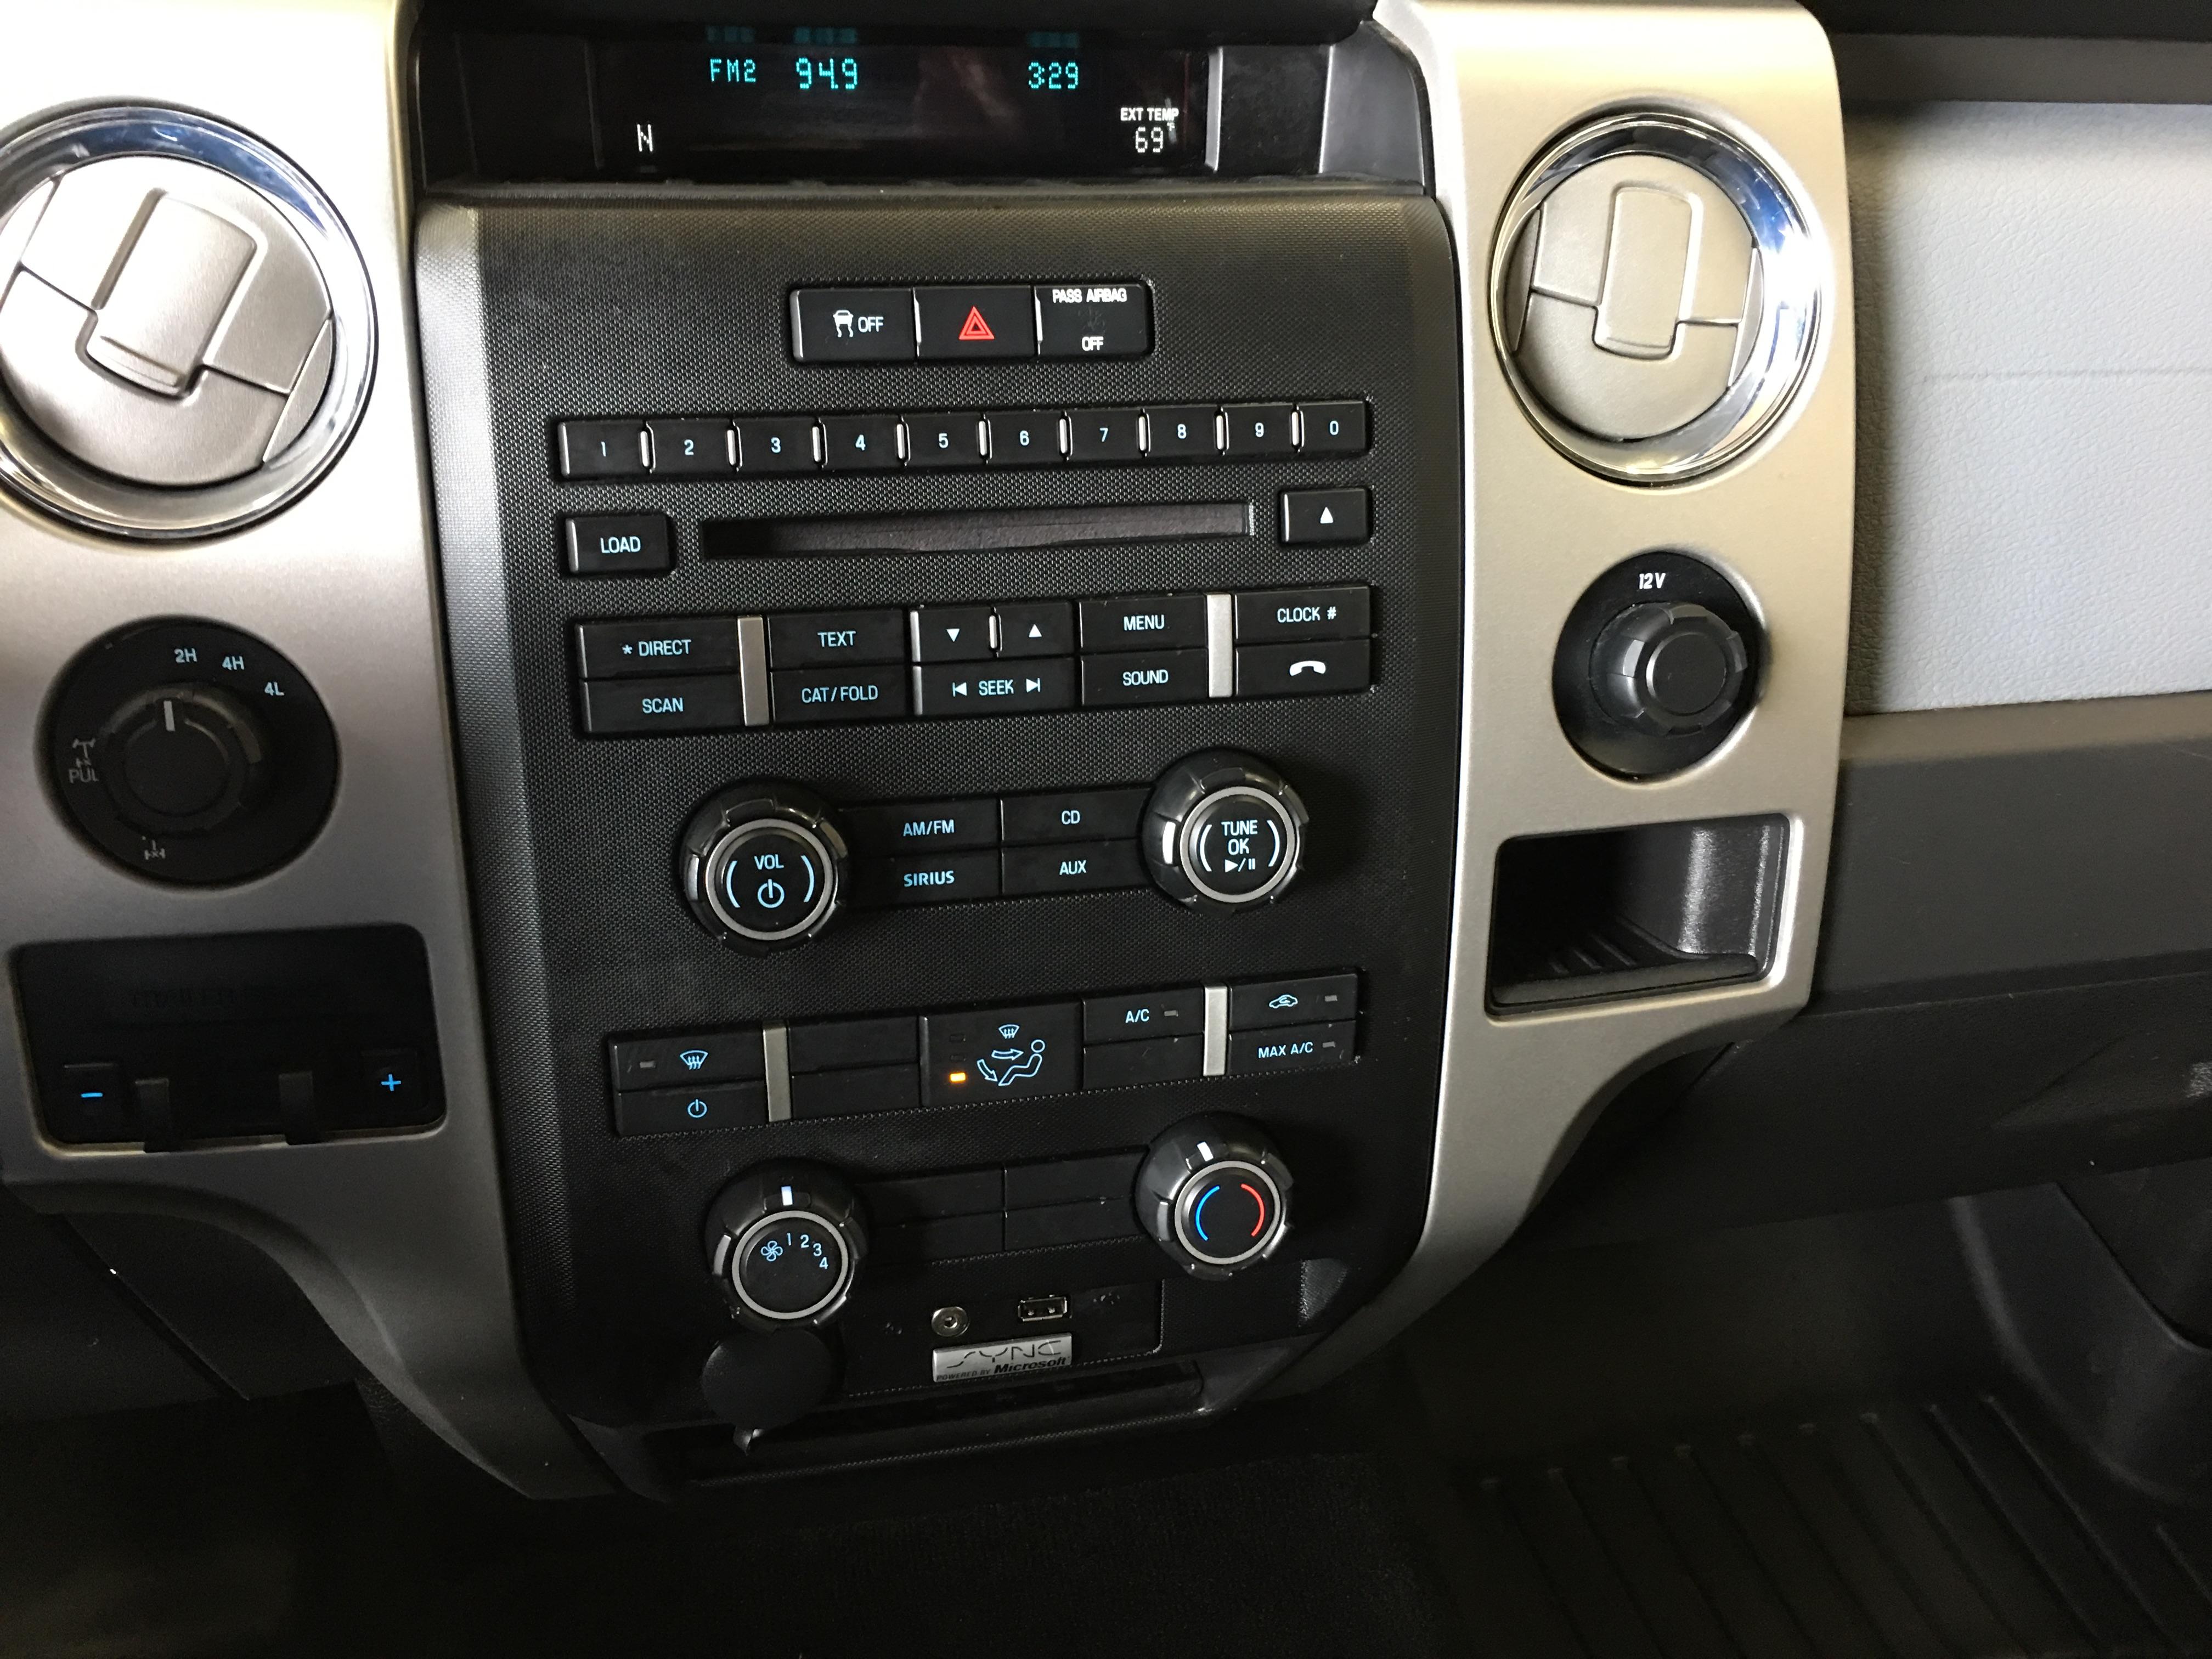 2014 Ford F-150 XLT Crew Cab